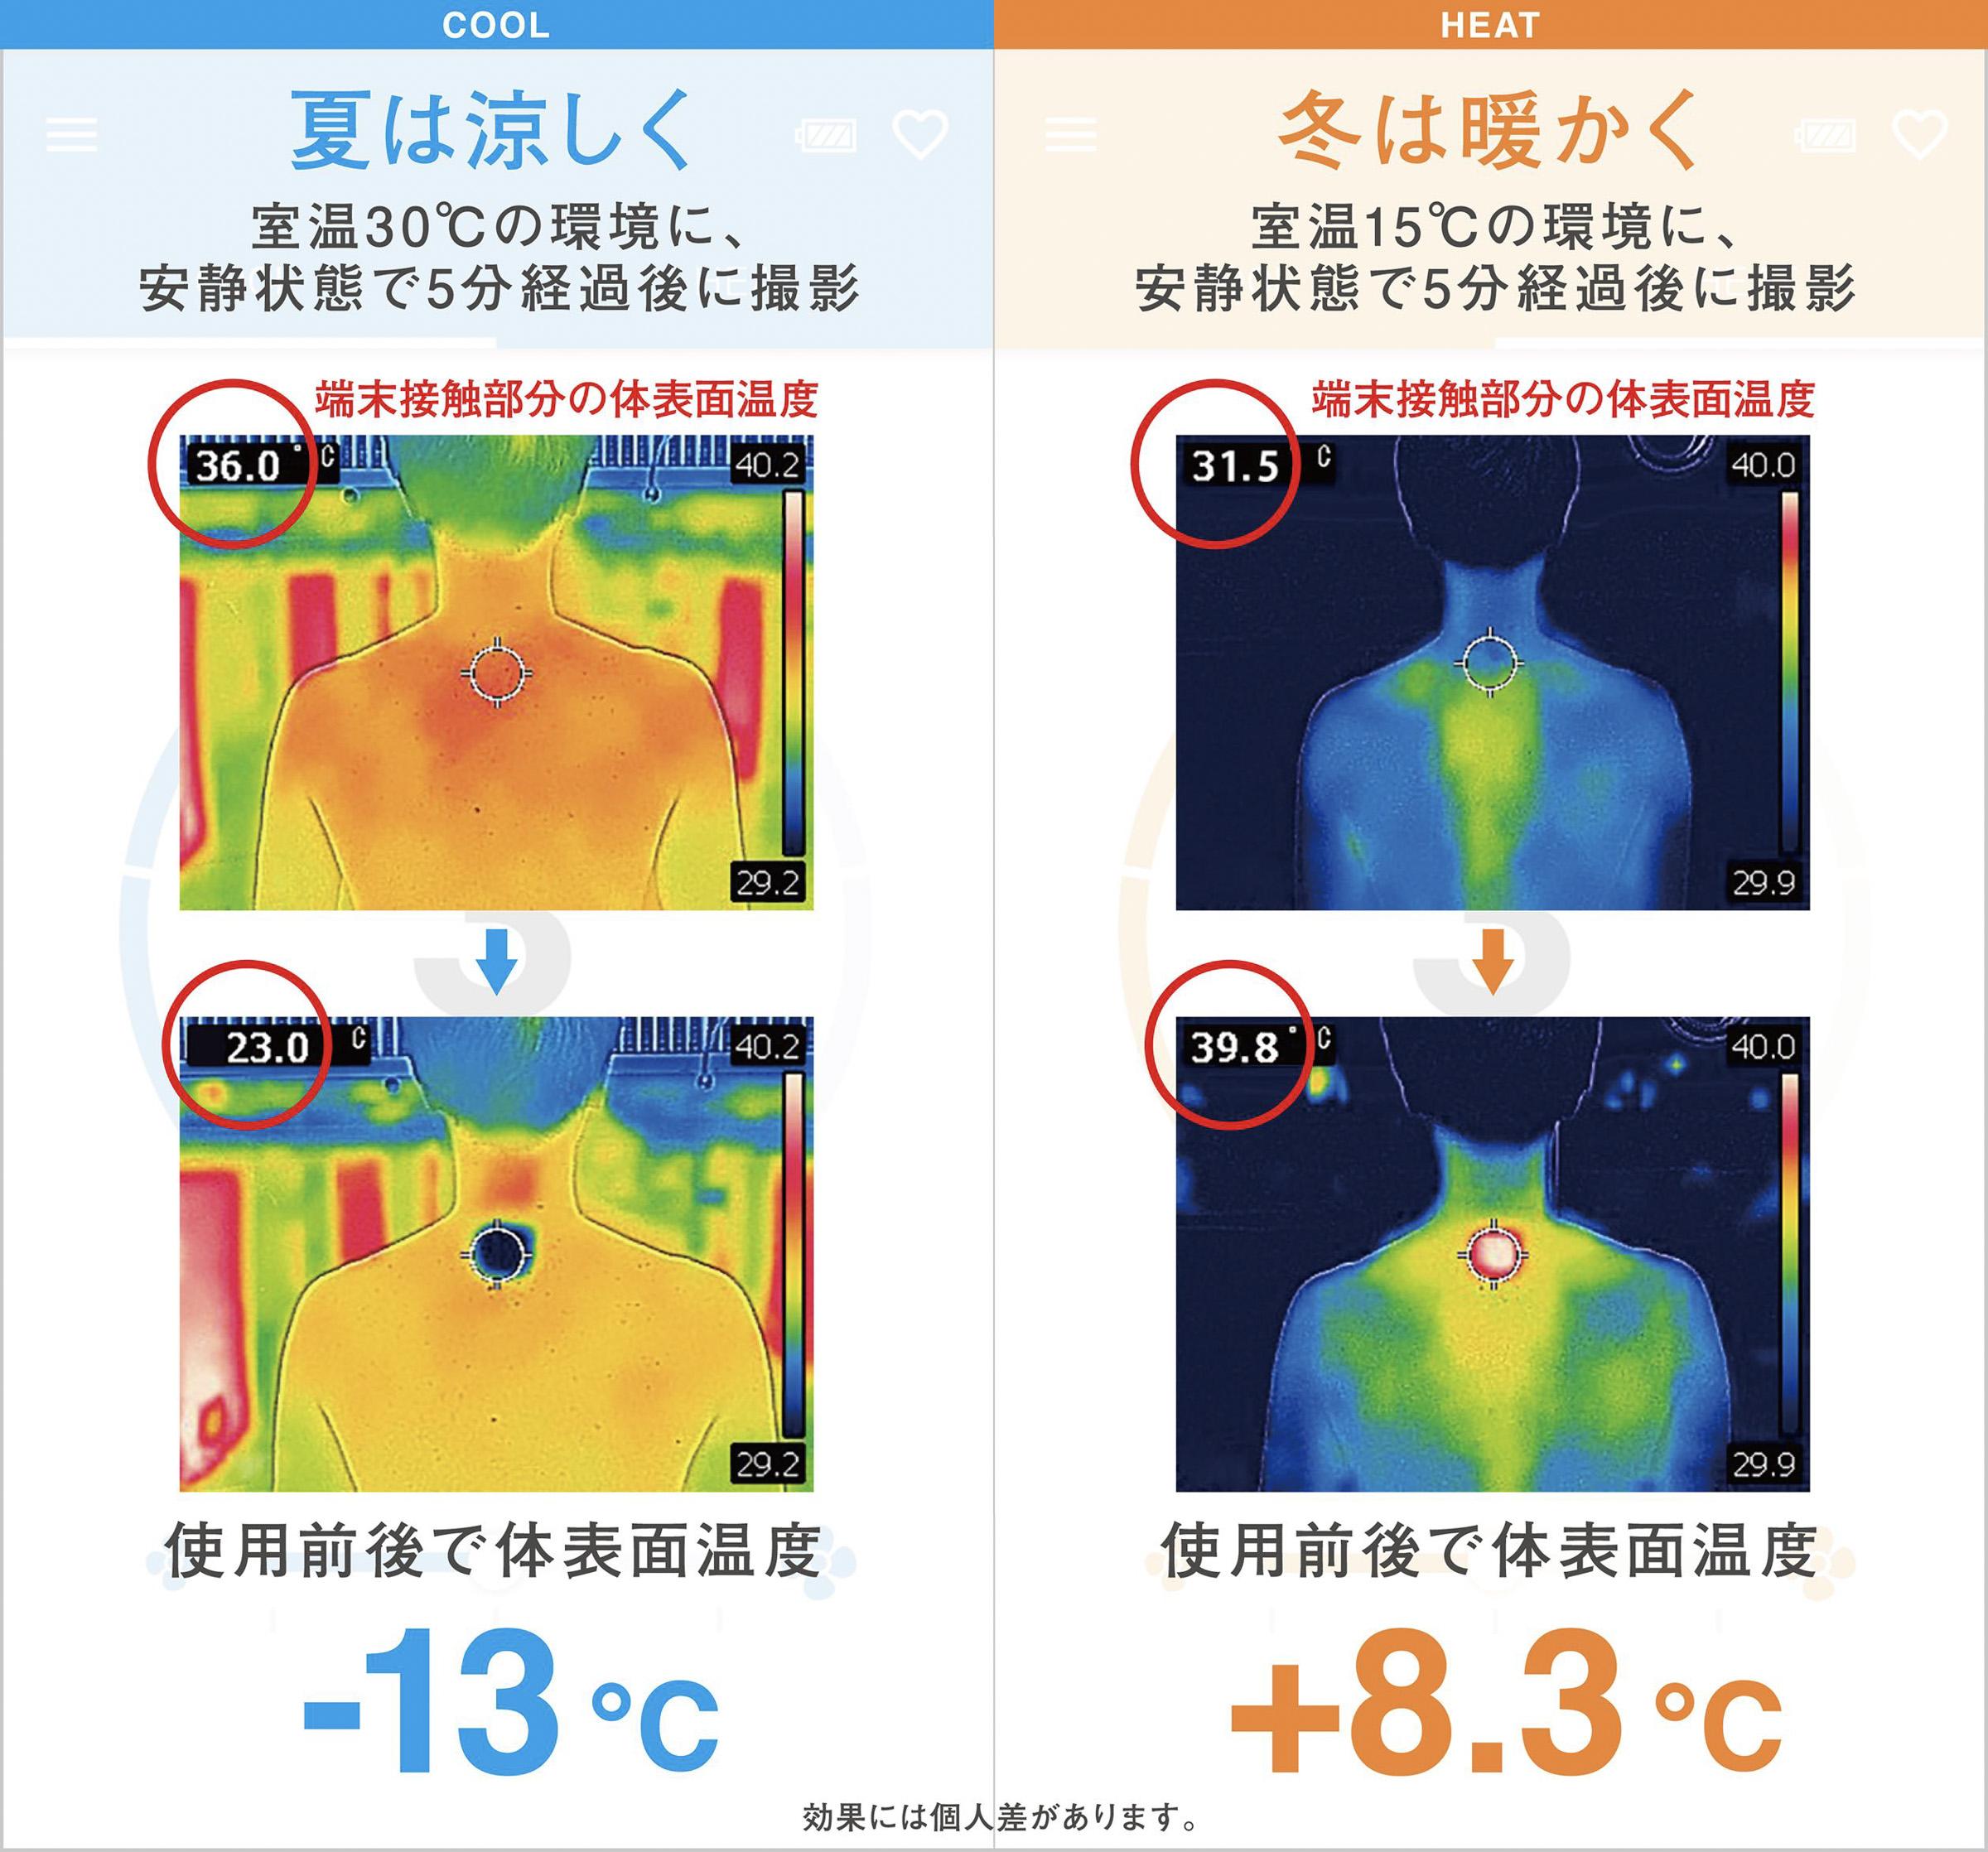 インナーの温度をアプリで調整、ソニーがウェアラブルデバイス「レオン ...